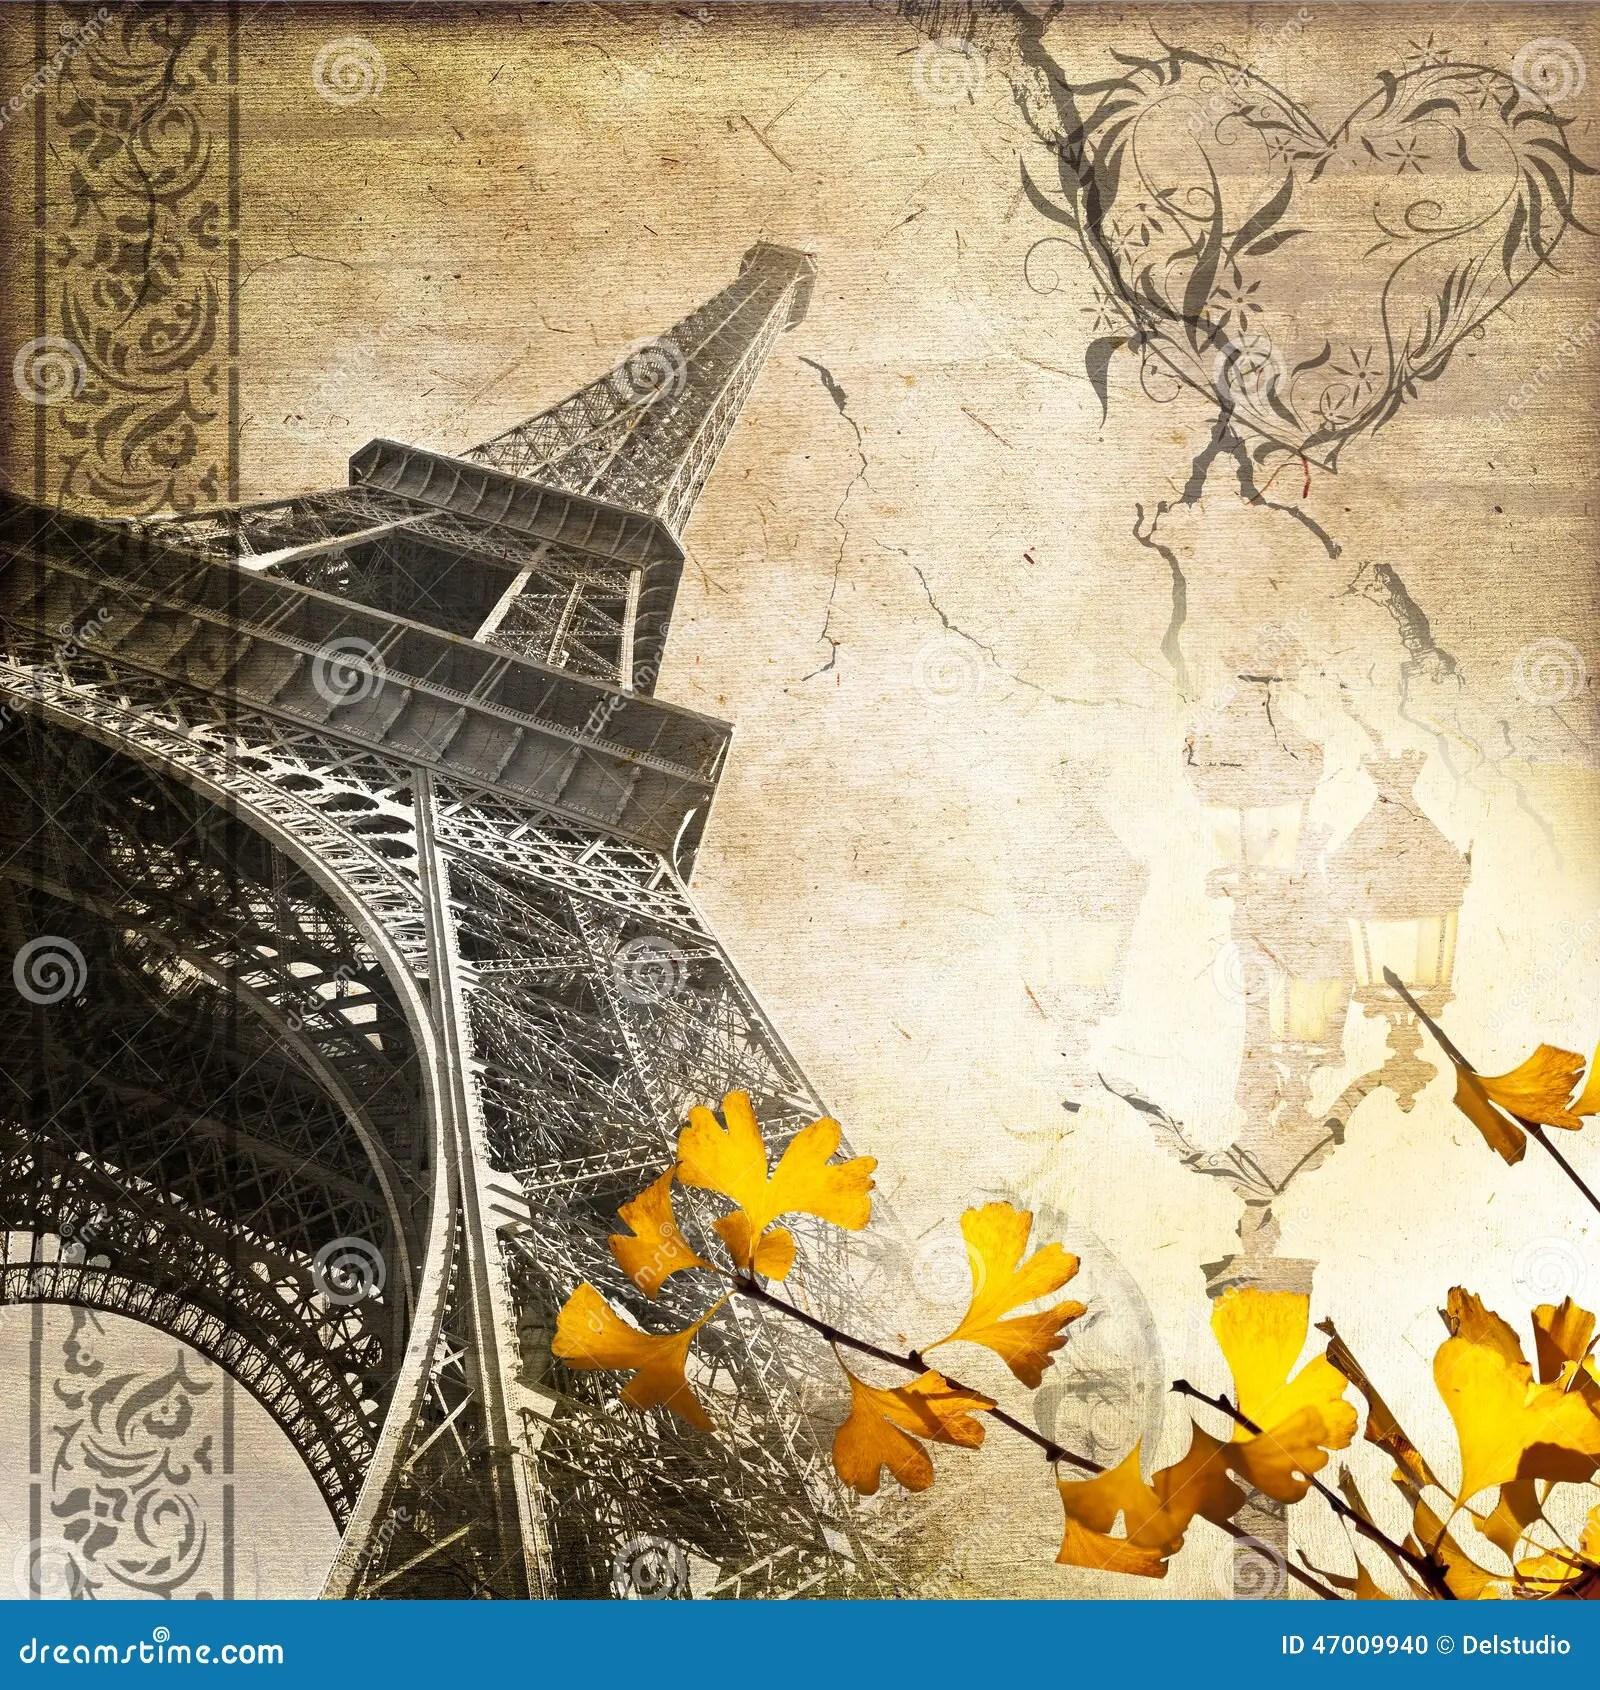 Fall Collage Wallpaper Romantischer Weinlese Paris Collage Eiffelturm Stockfoto